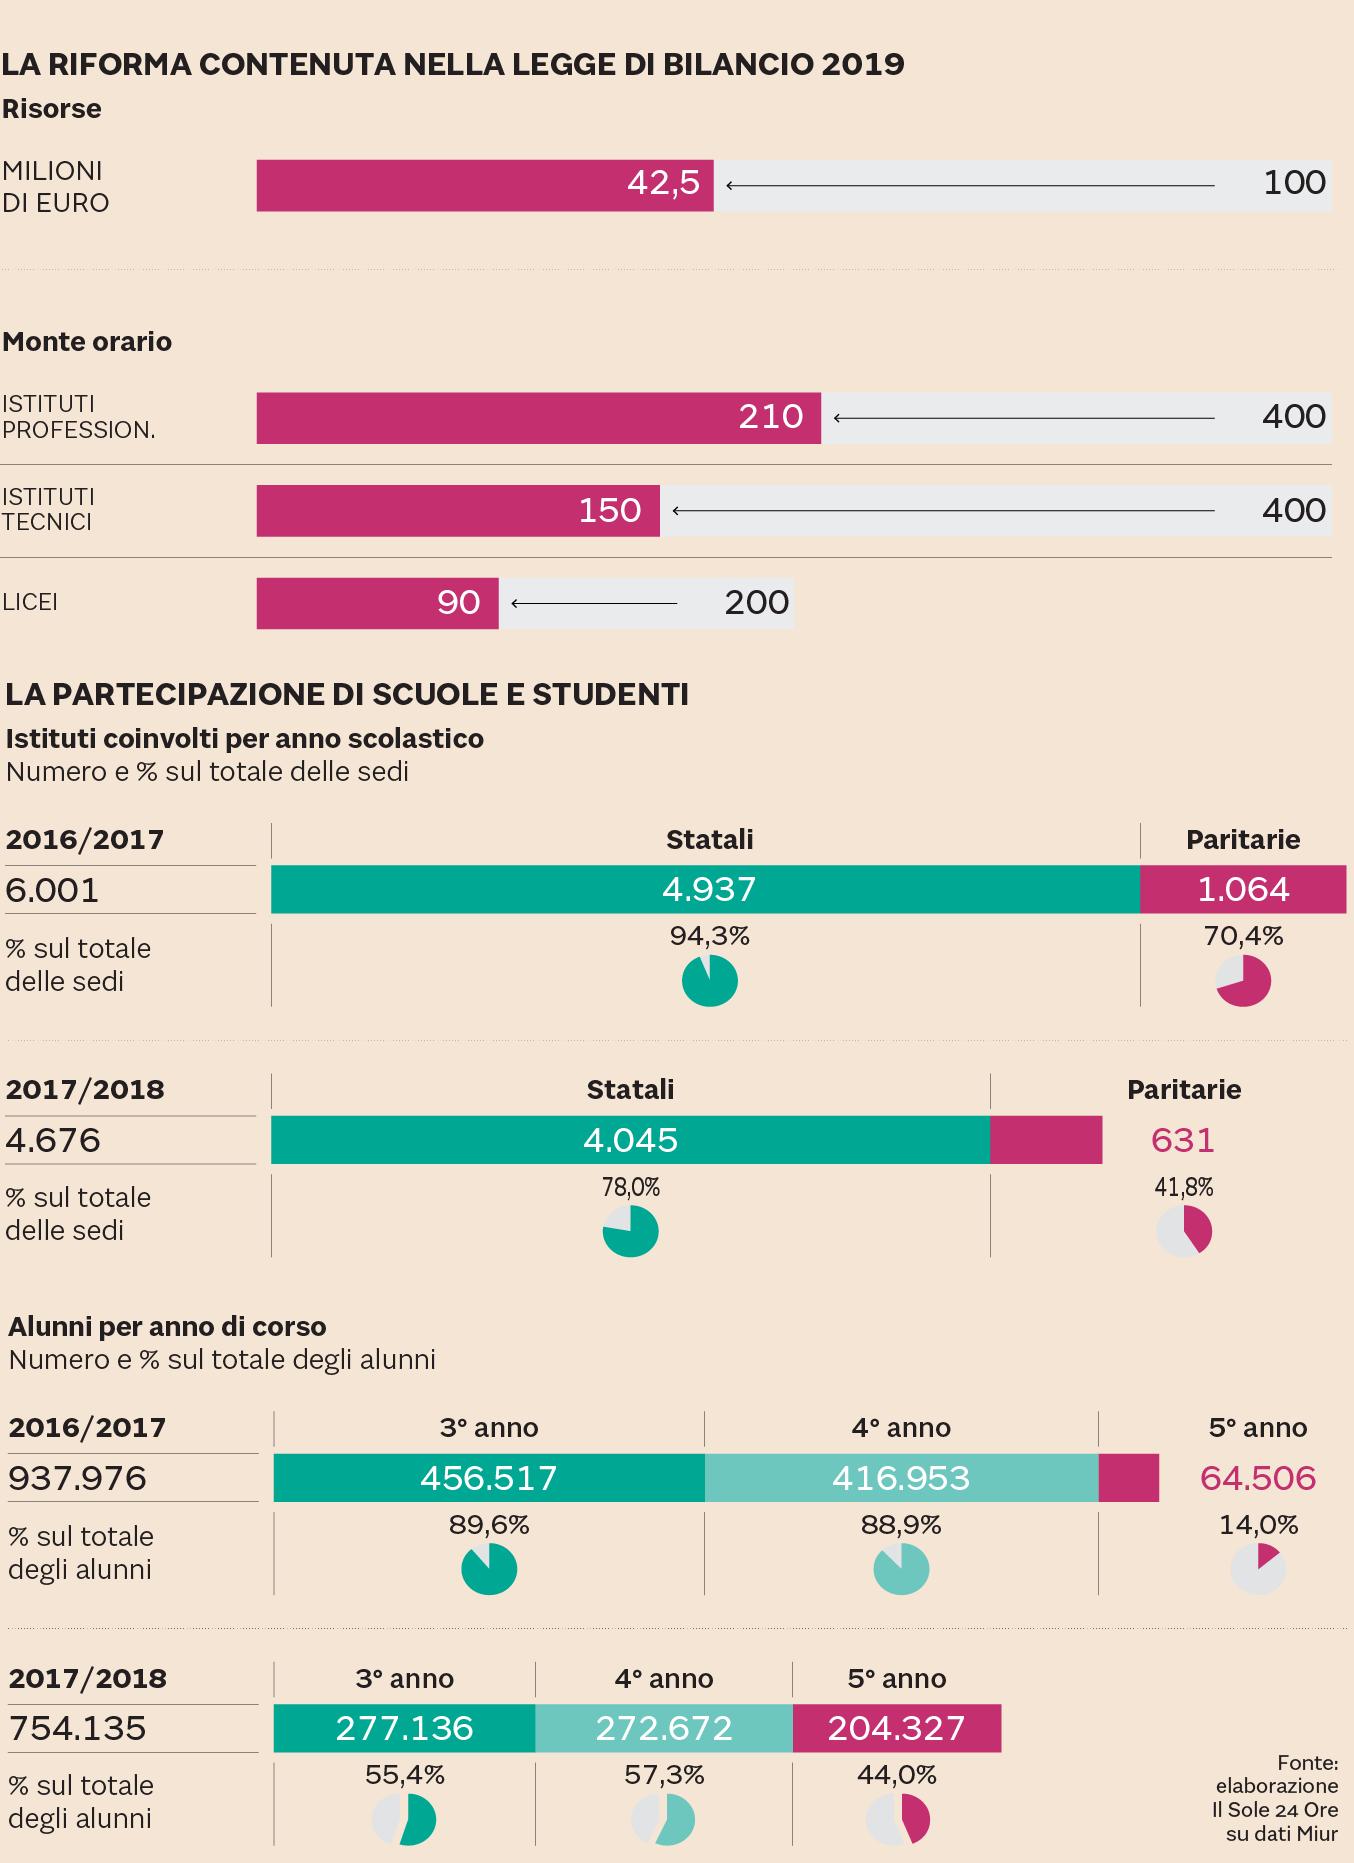 COME È CAMBIATA L'ALTERNANZA SCUOLA-LAVORO